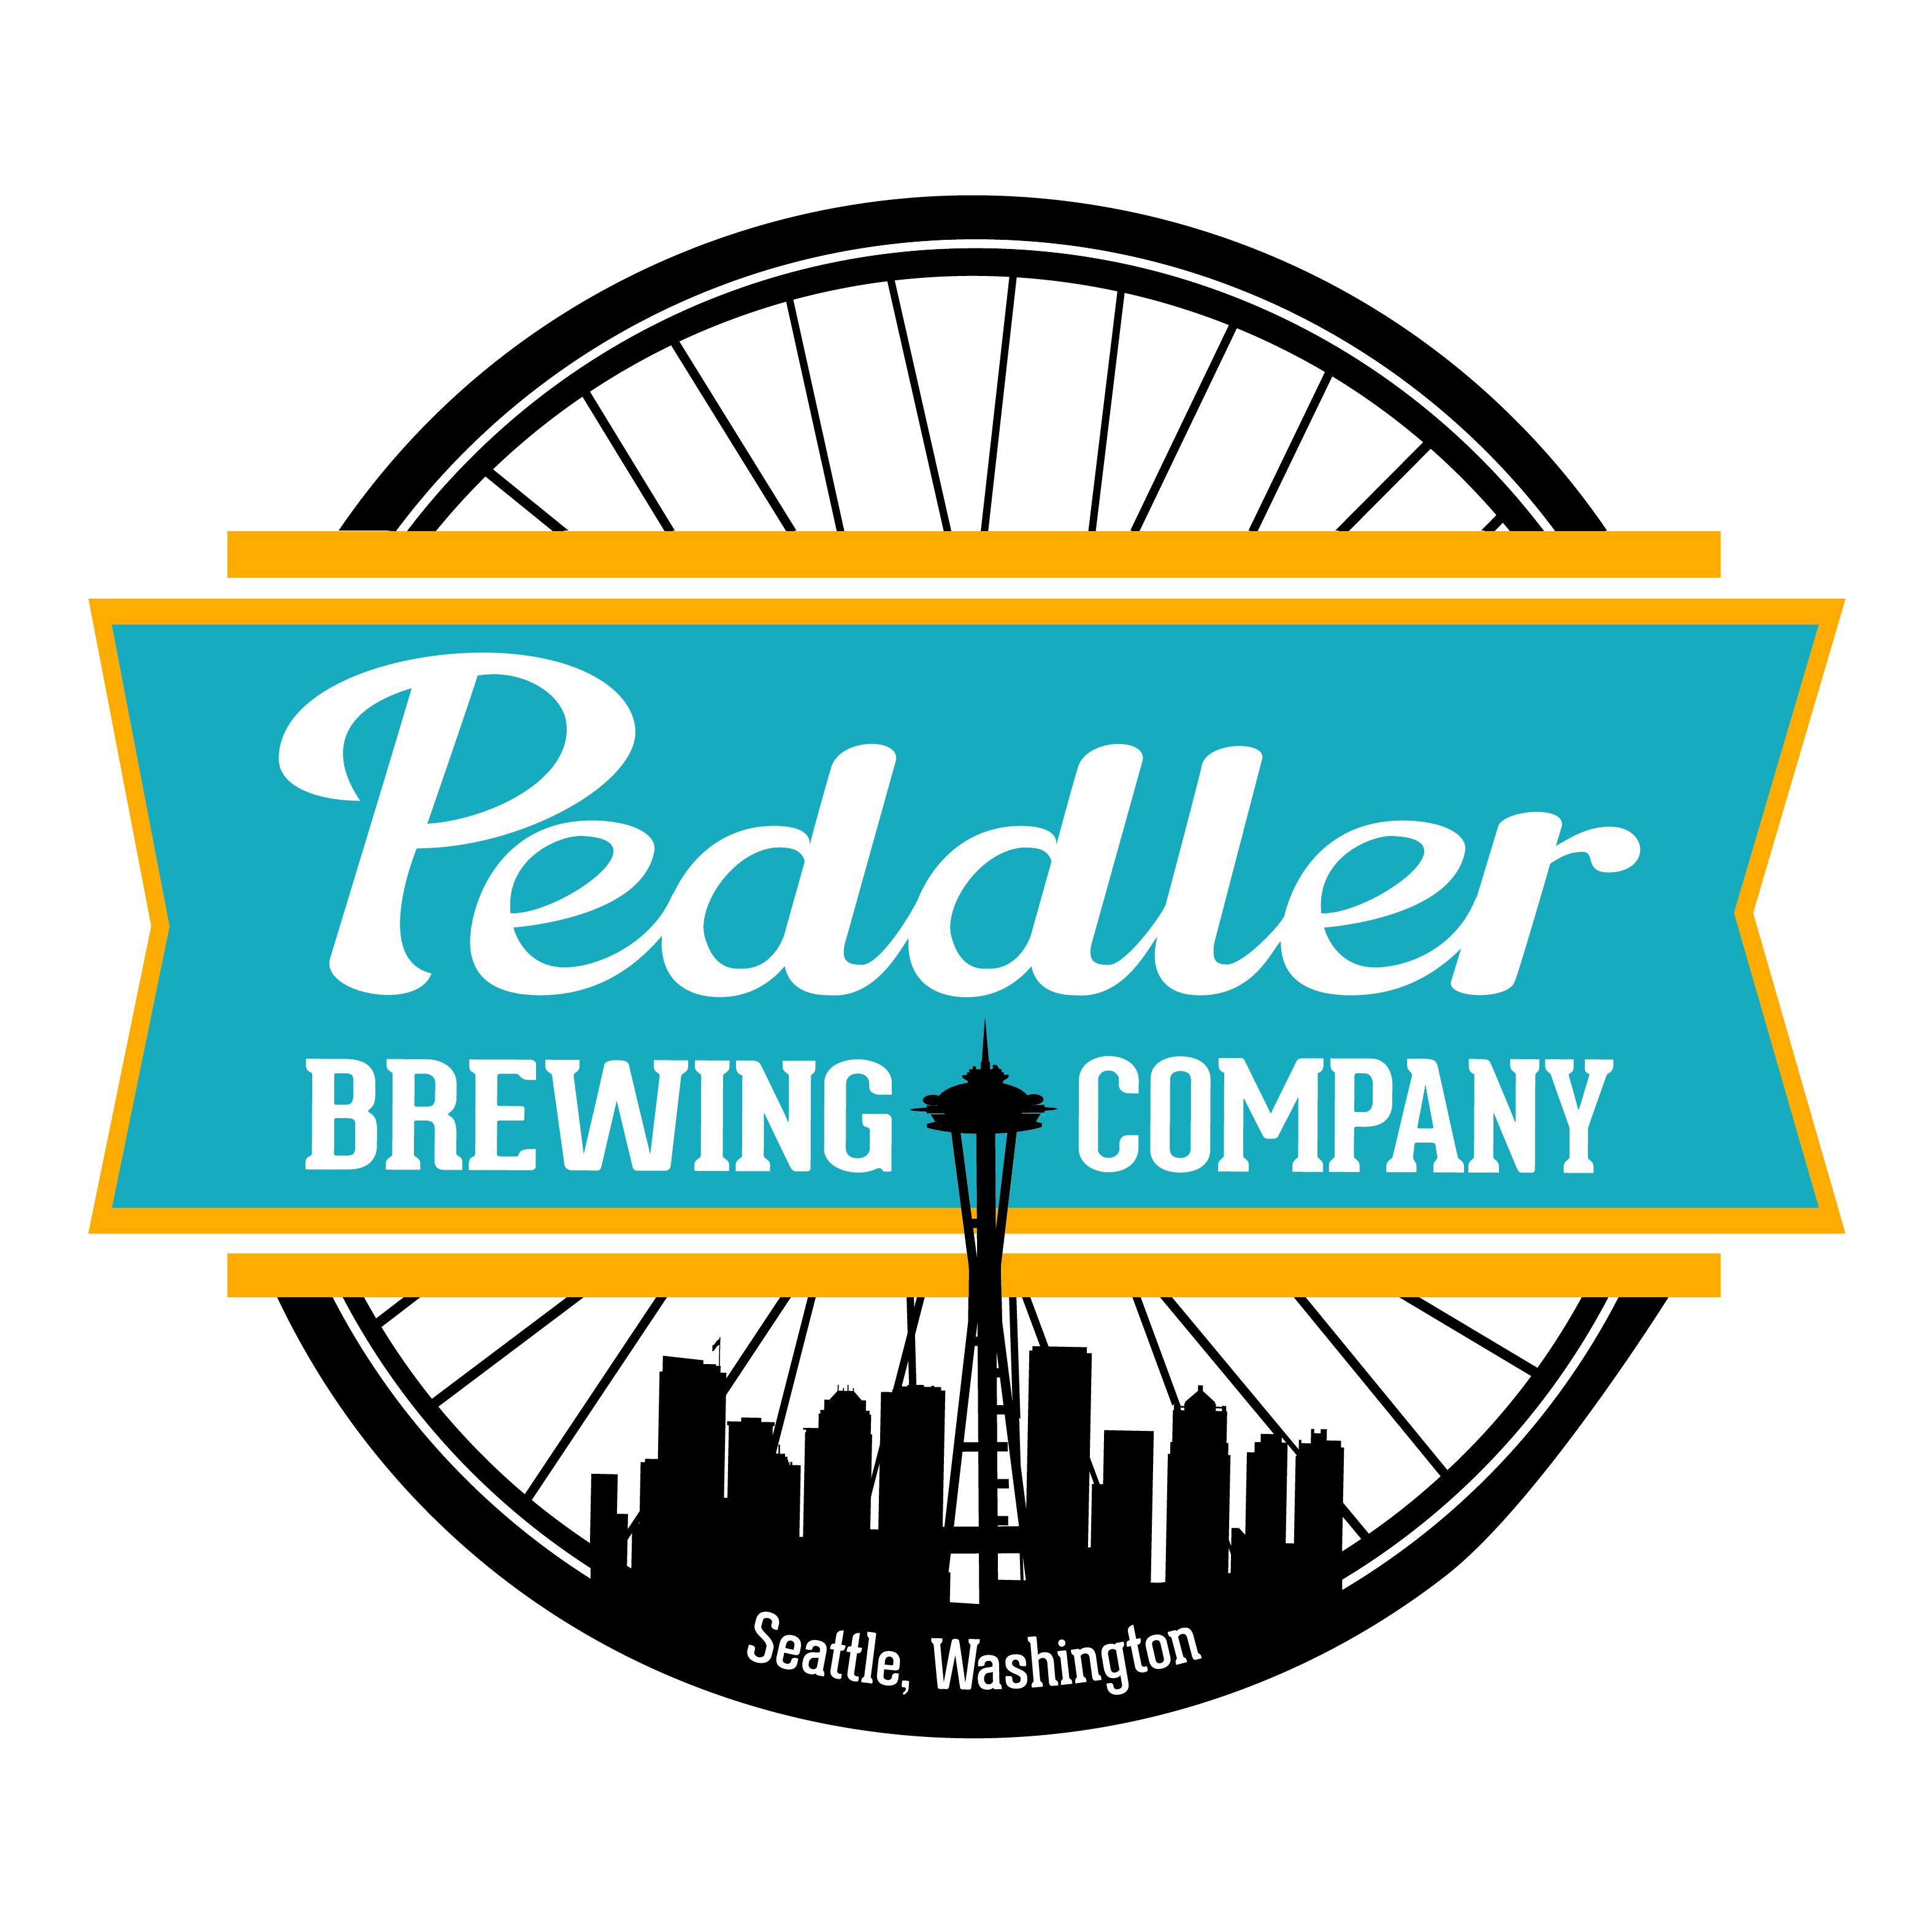 Peddler_Master Brand_Logo-01